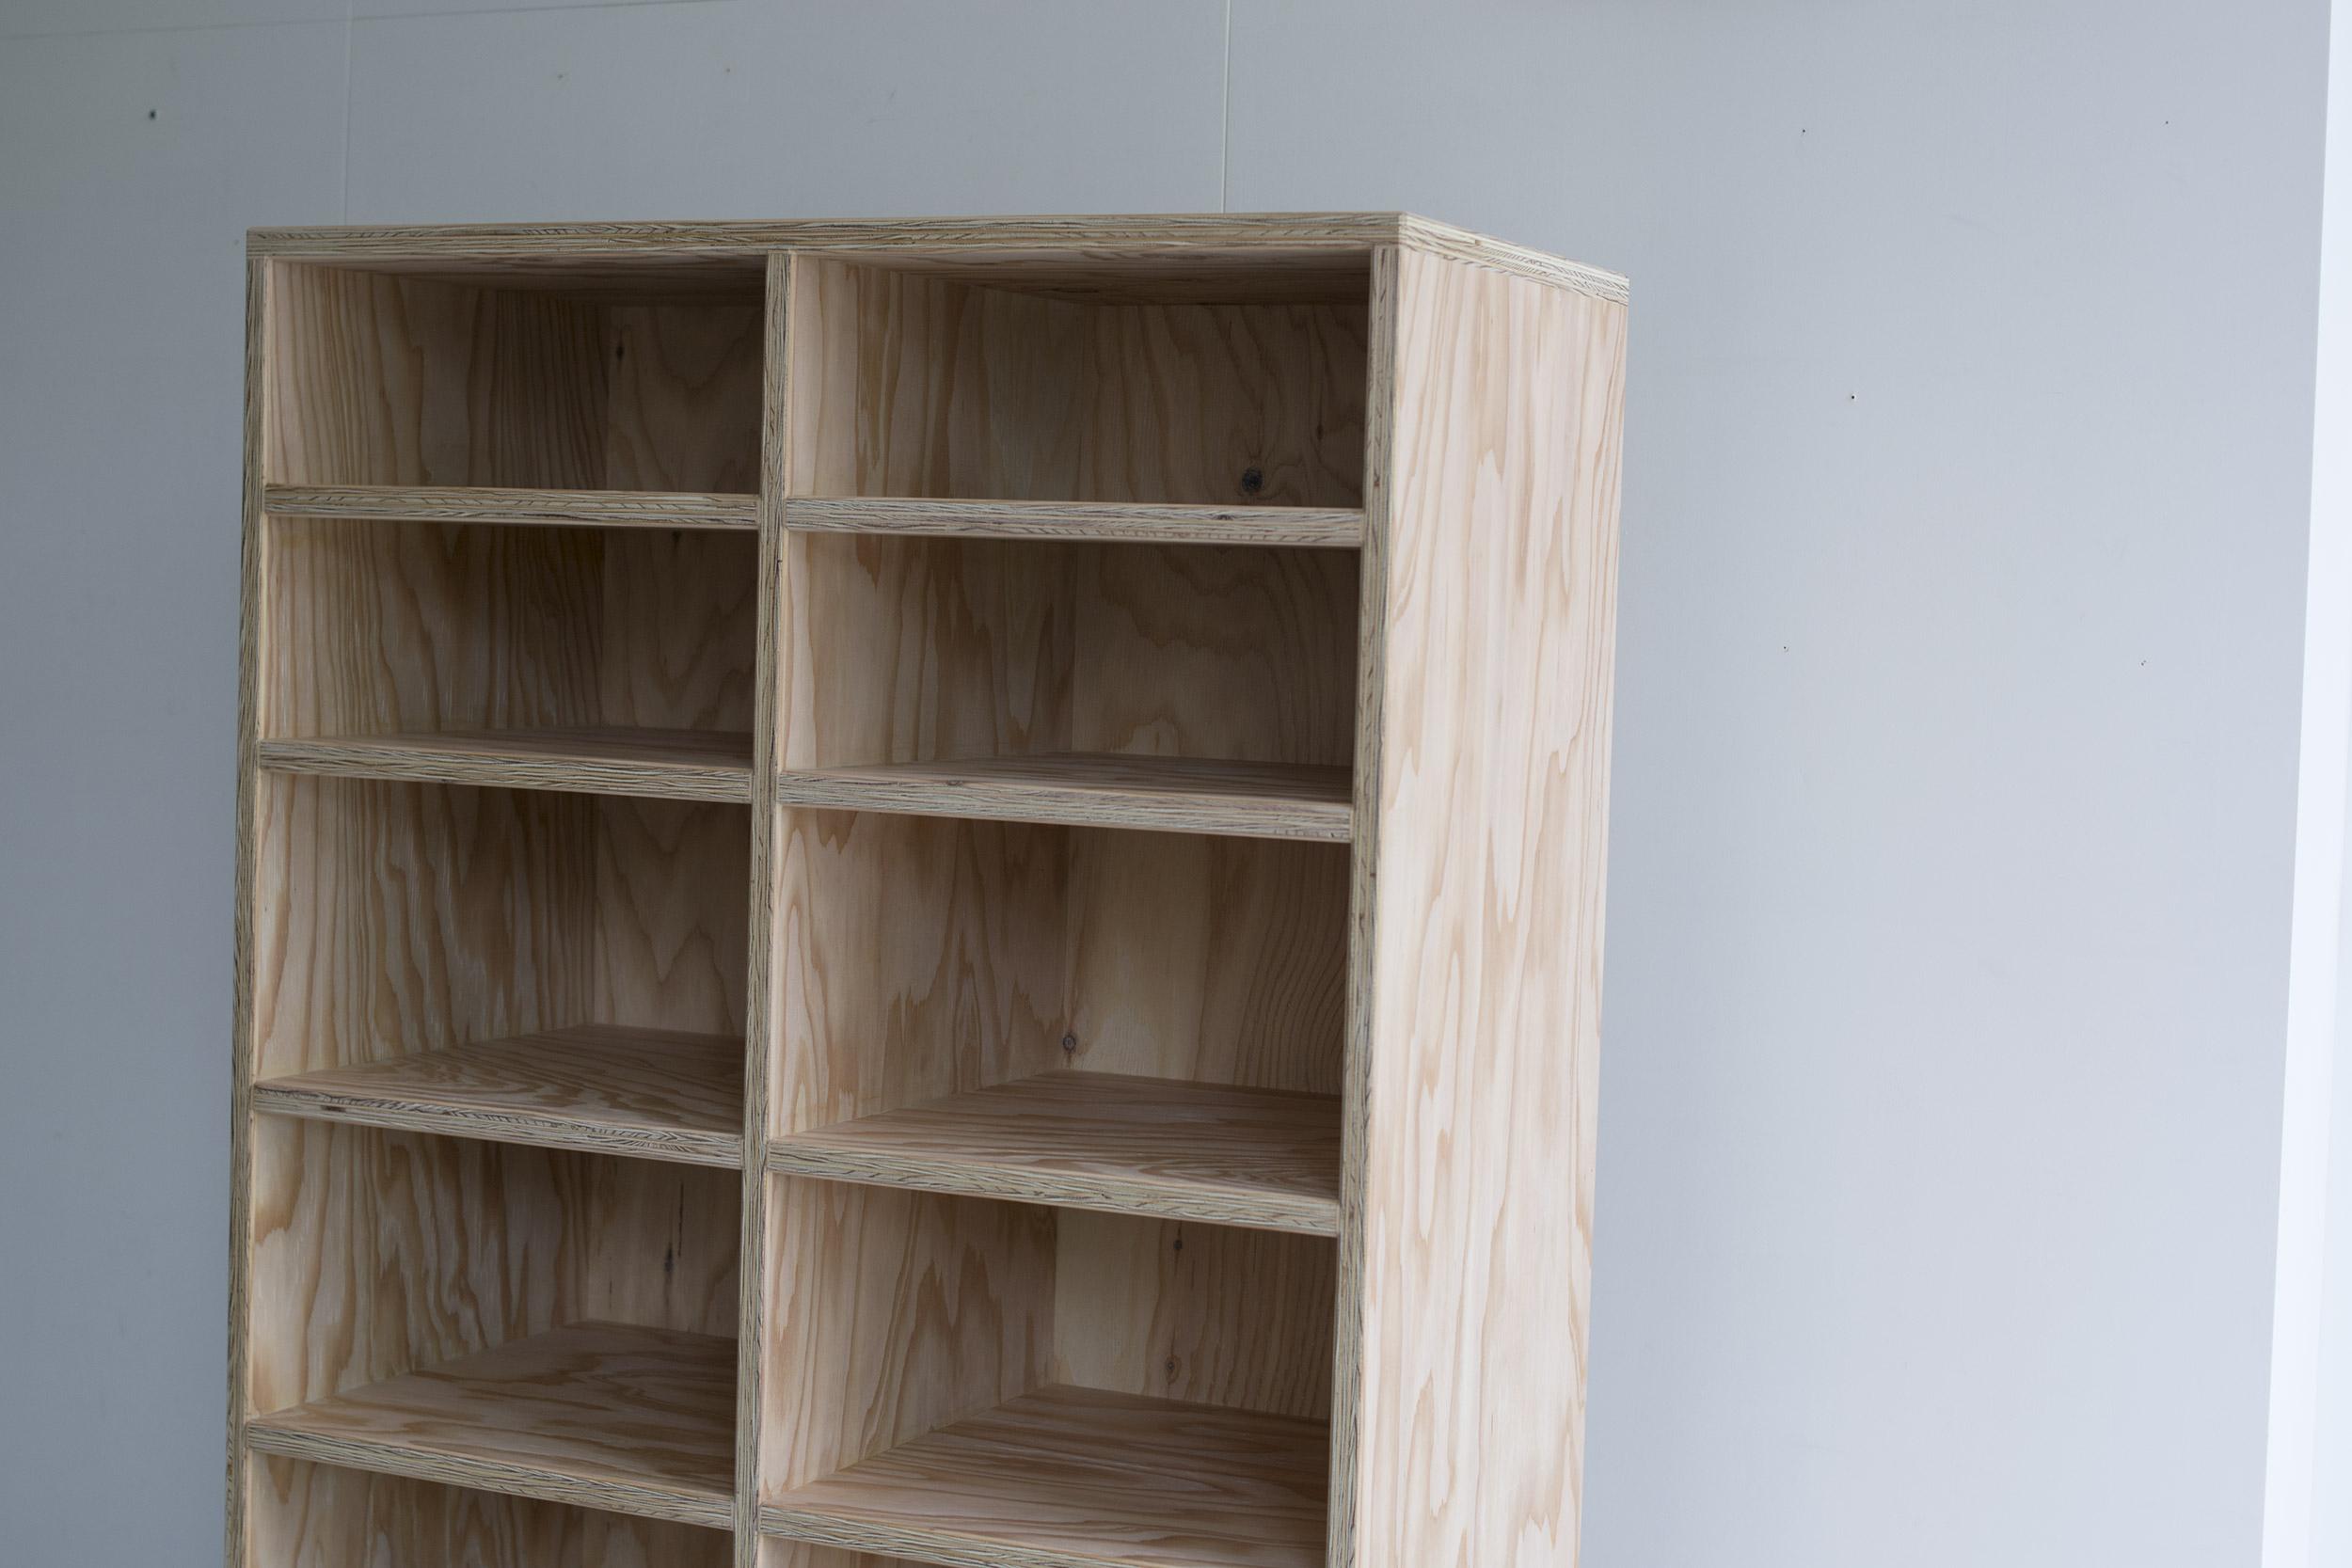 押し入れ収納 ラーチ合板の収納棚